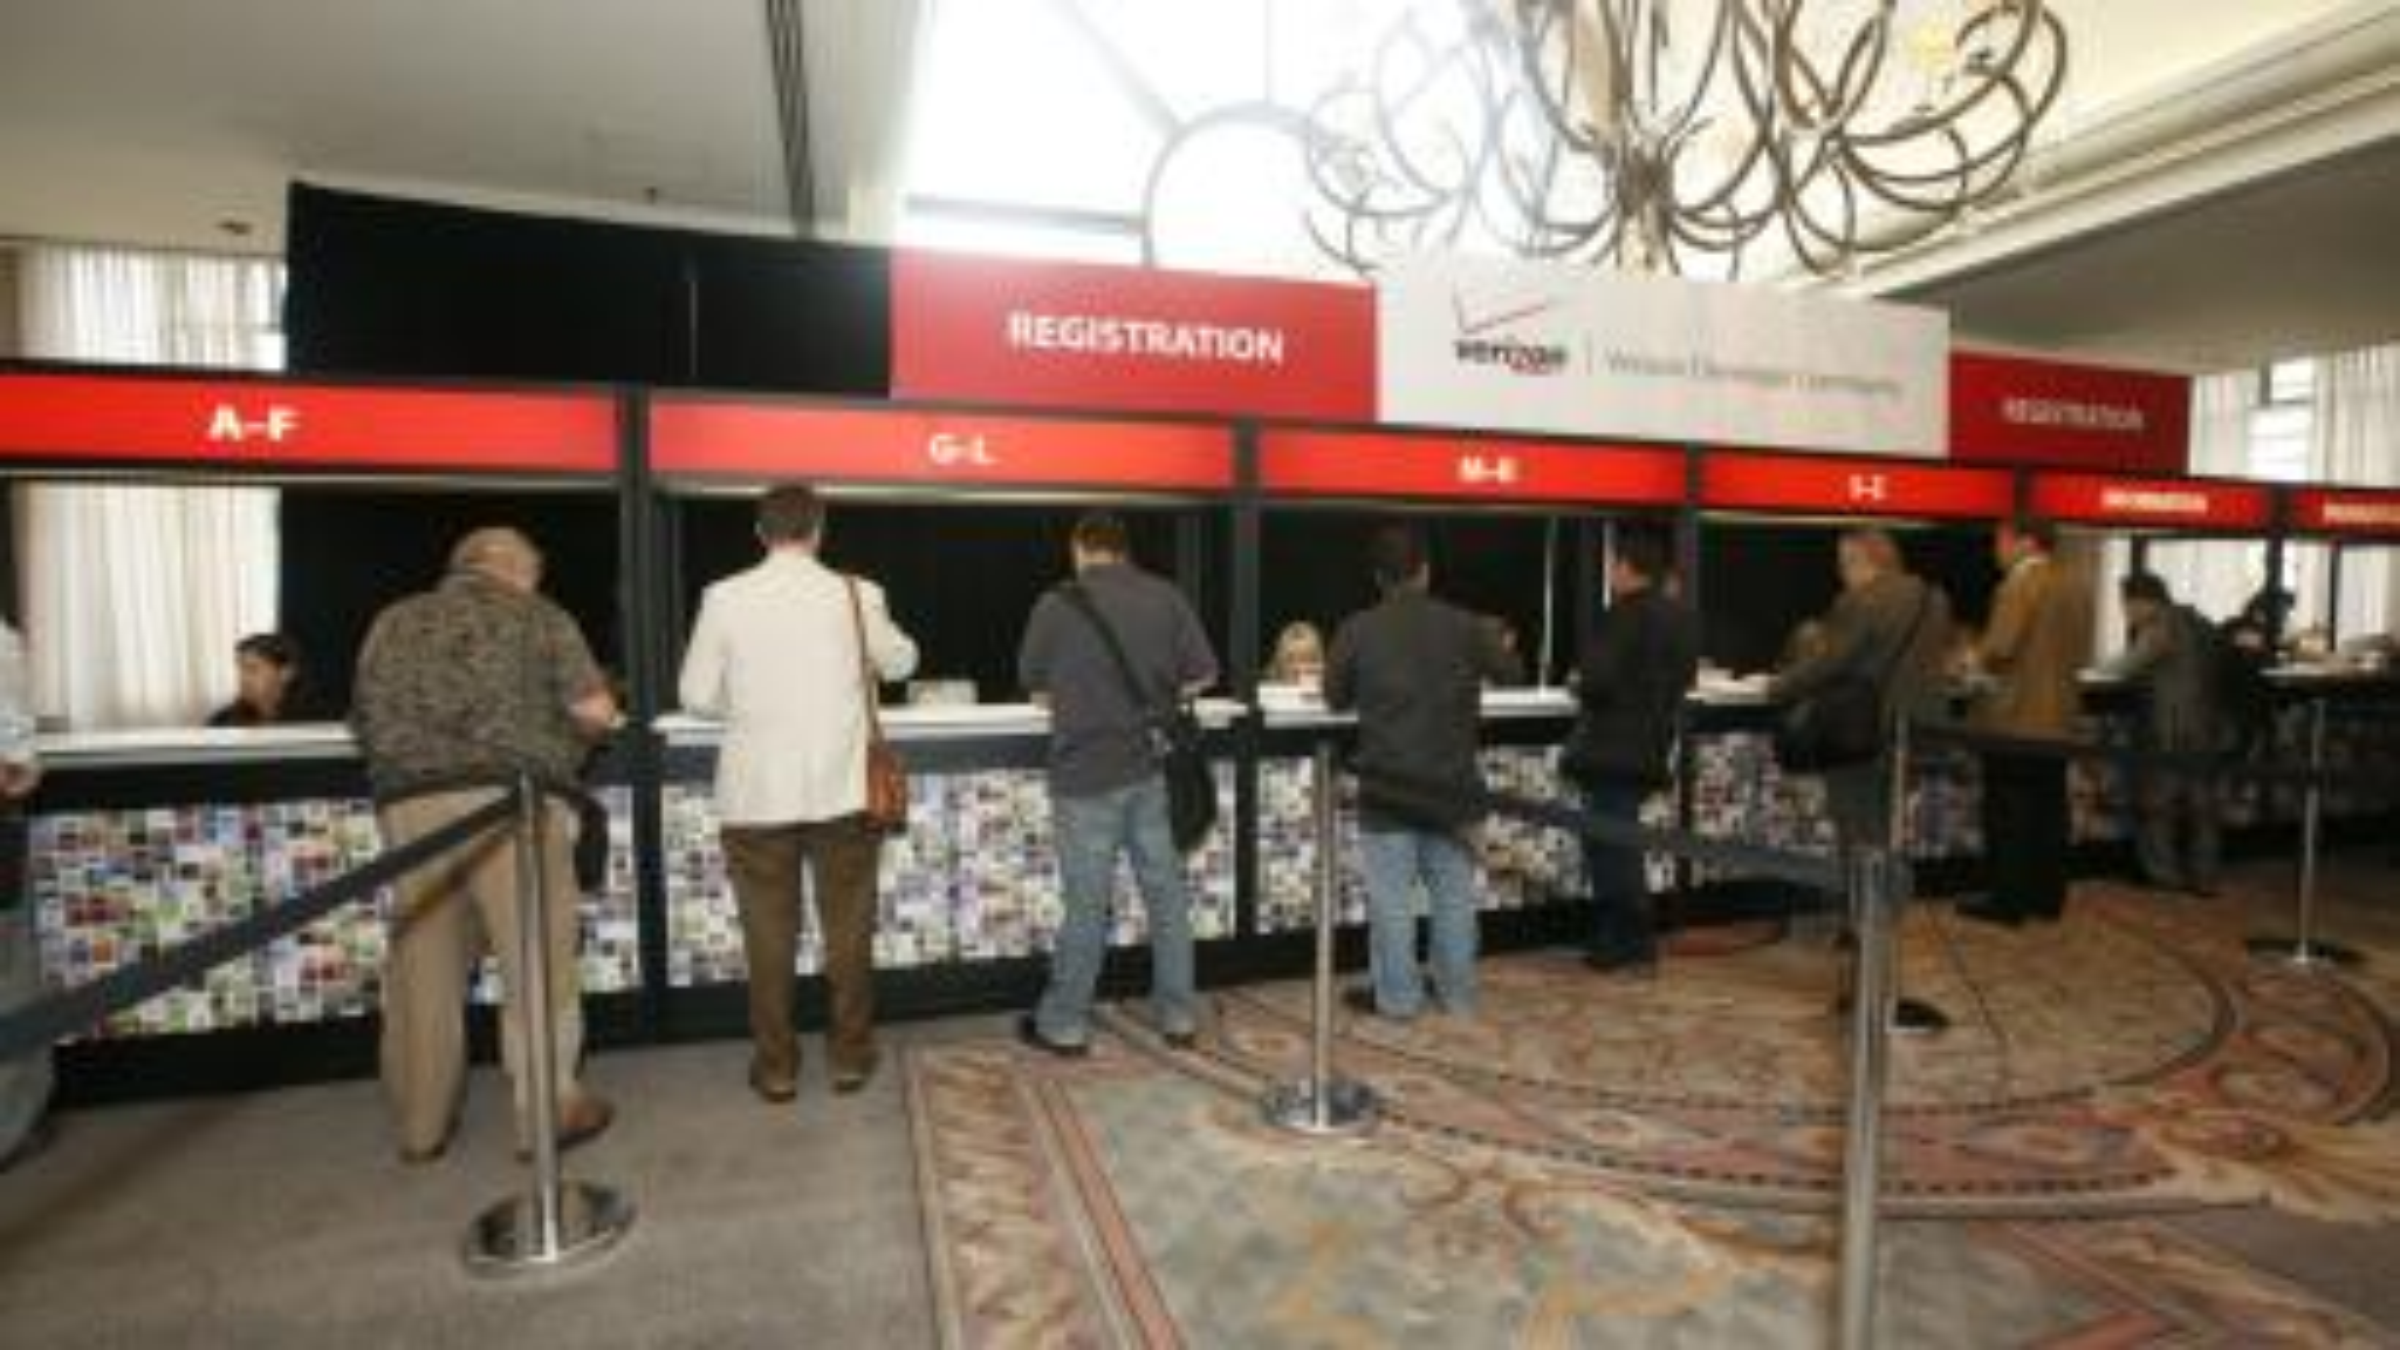 Men register for a conference